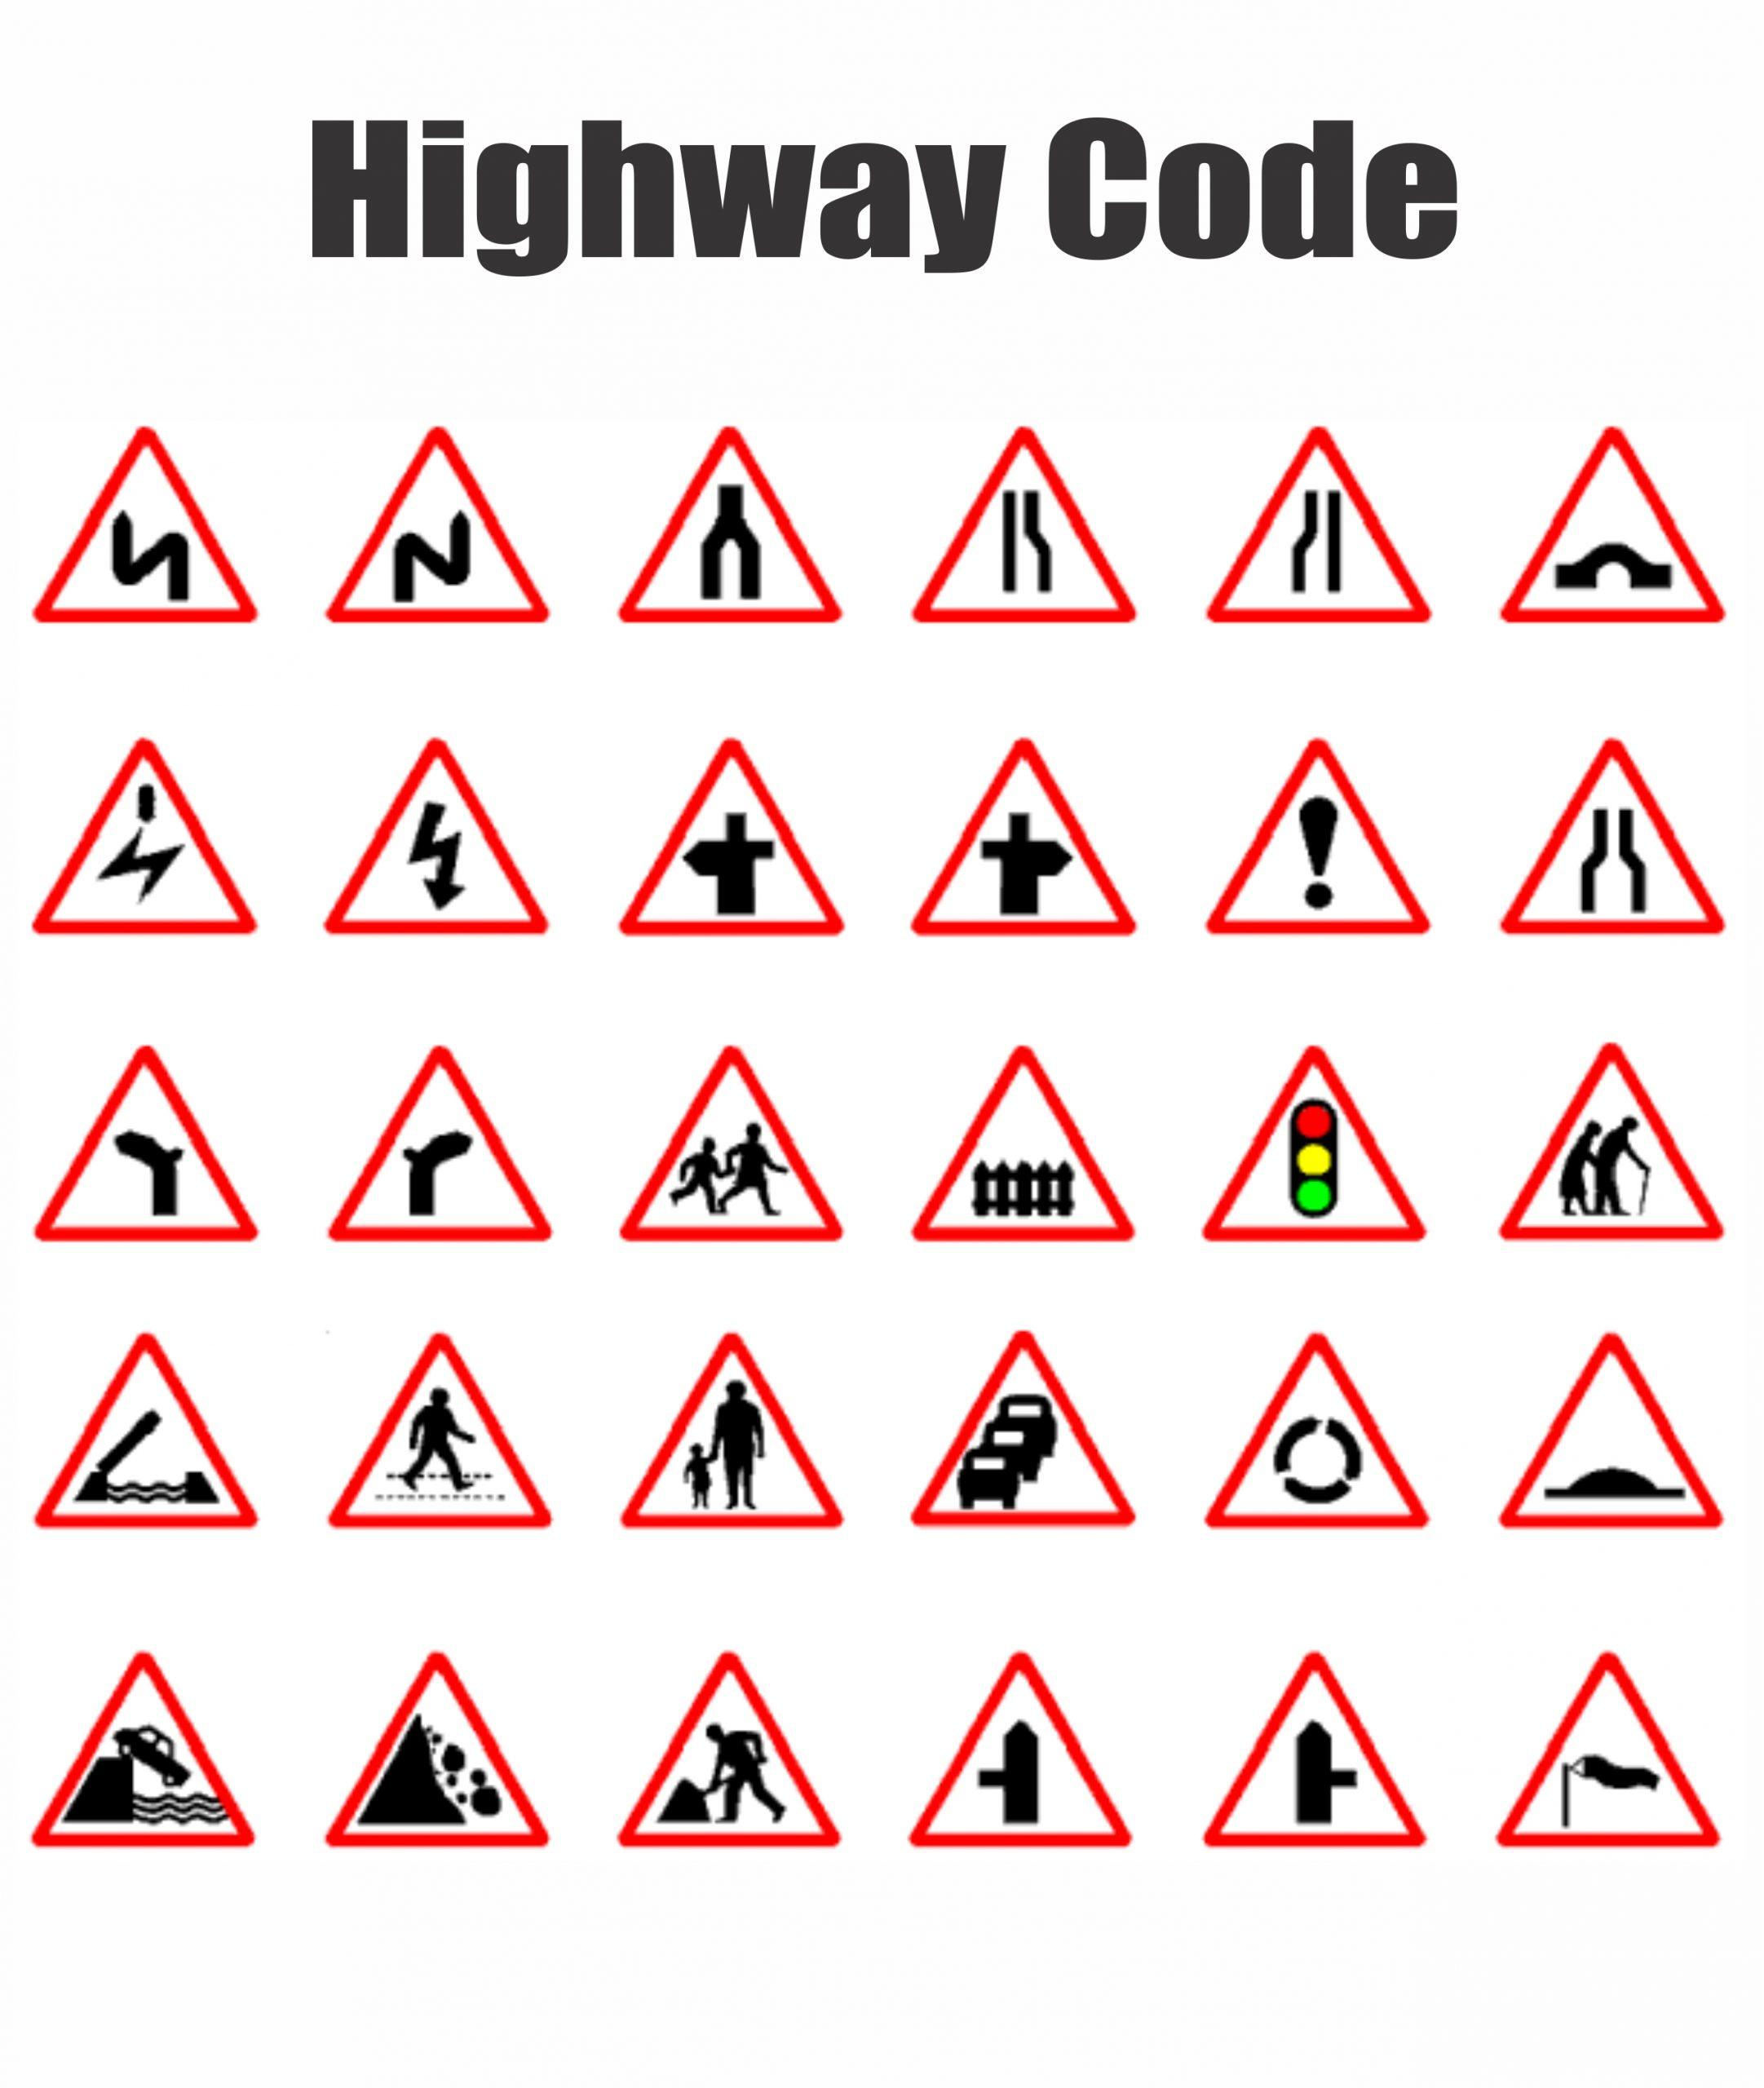 apa itu highway code